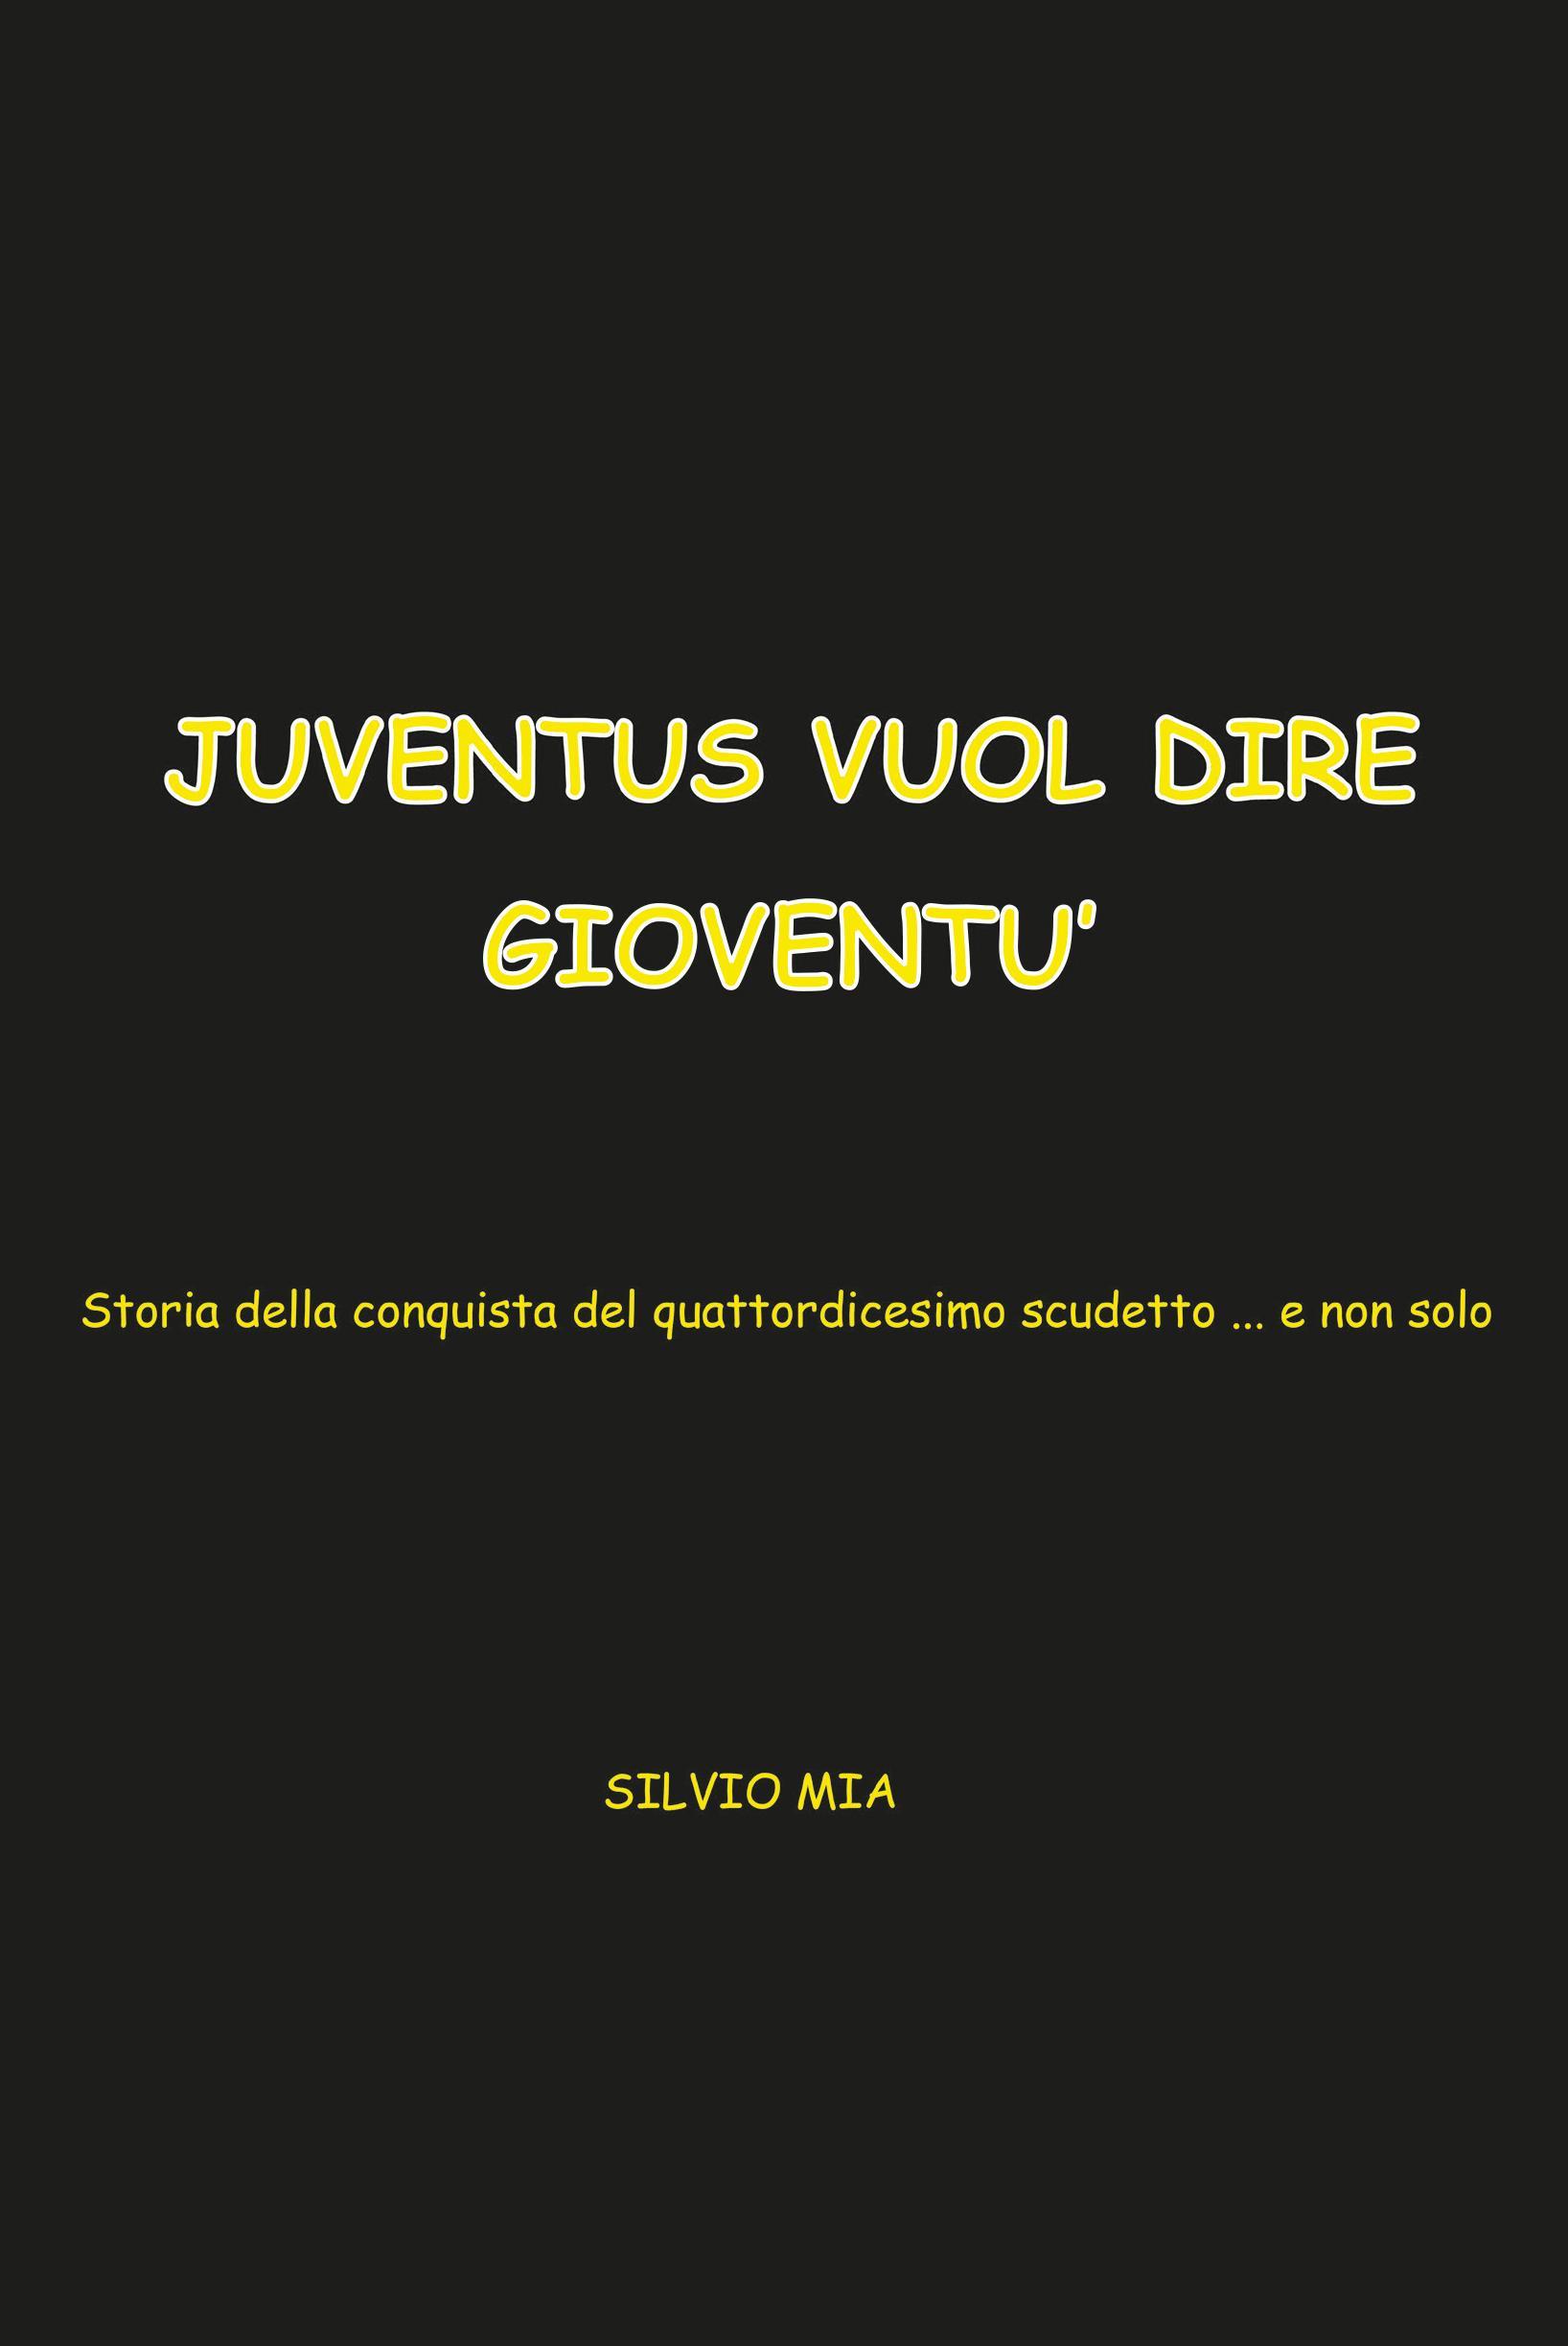 juventus vuol dire gioventu'..storia della conquista del 14^ scudetto ....e non solo